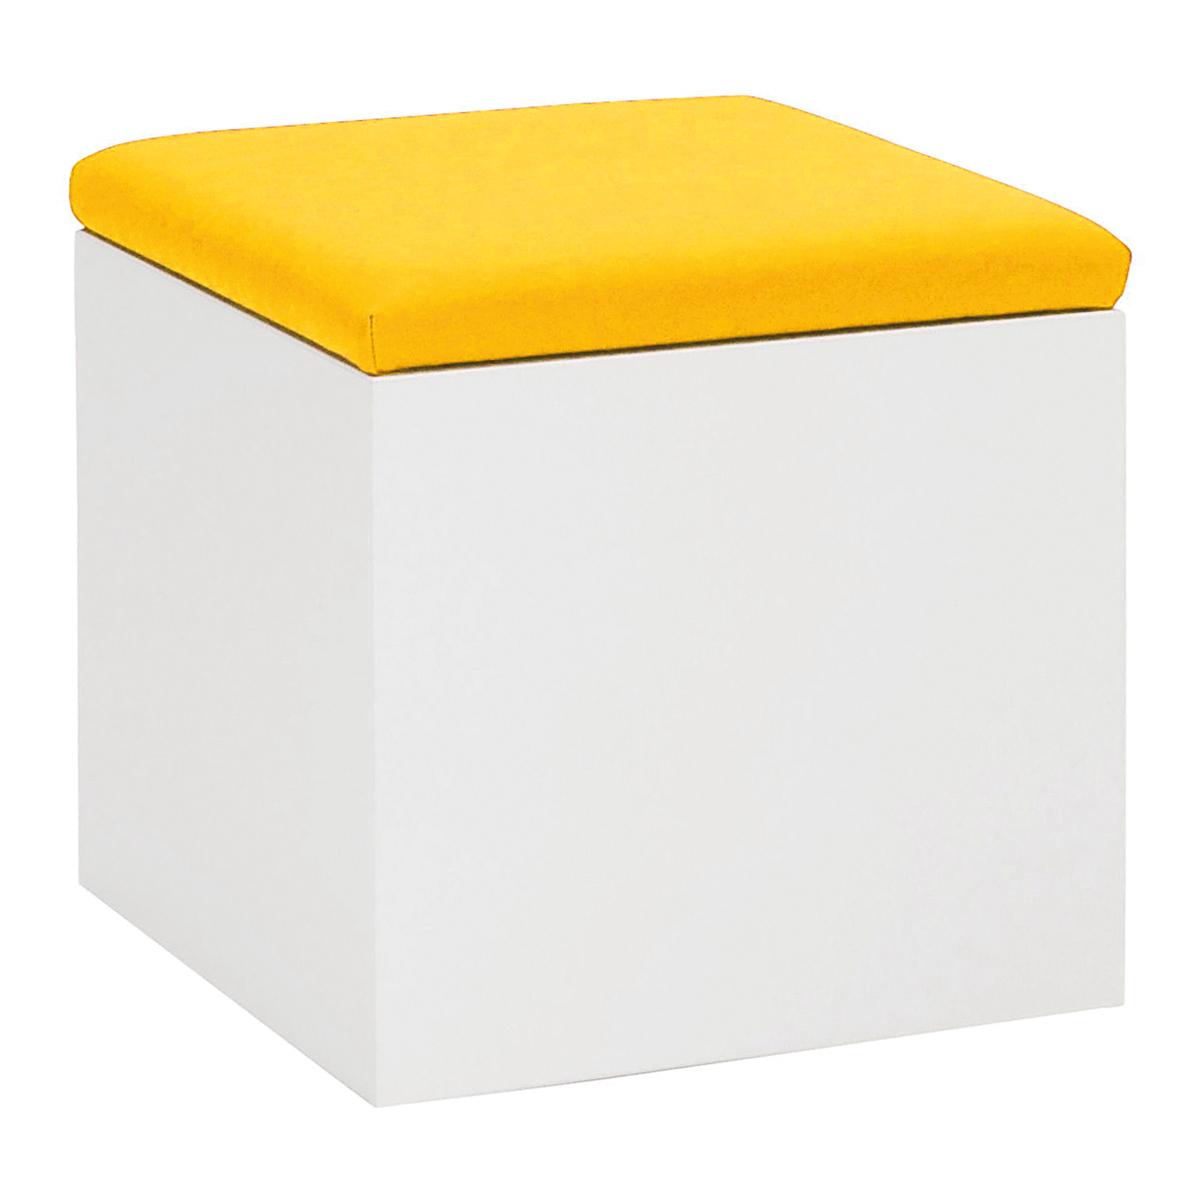 Hocker Cubus, weiß-gelb